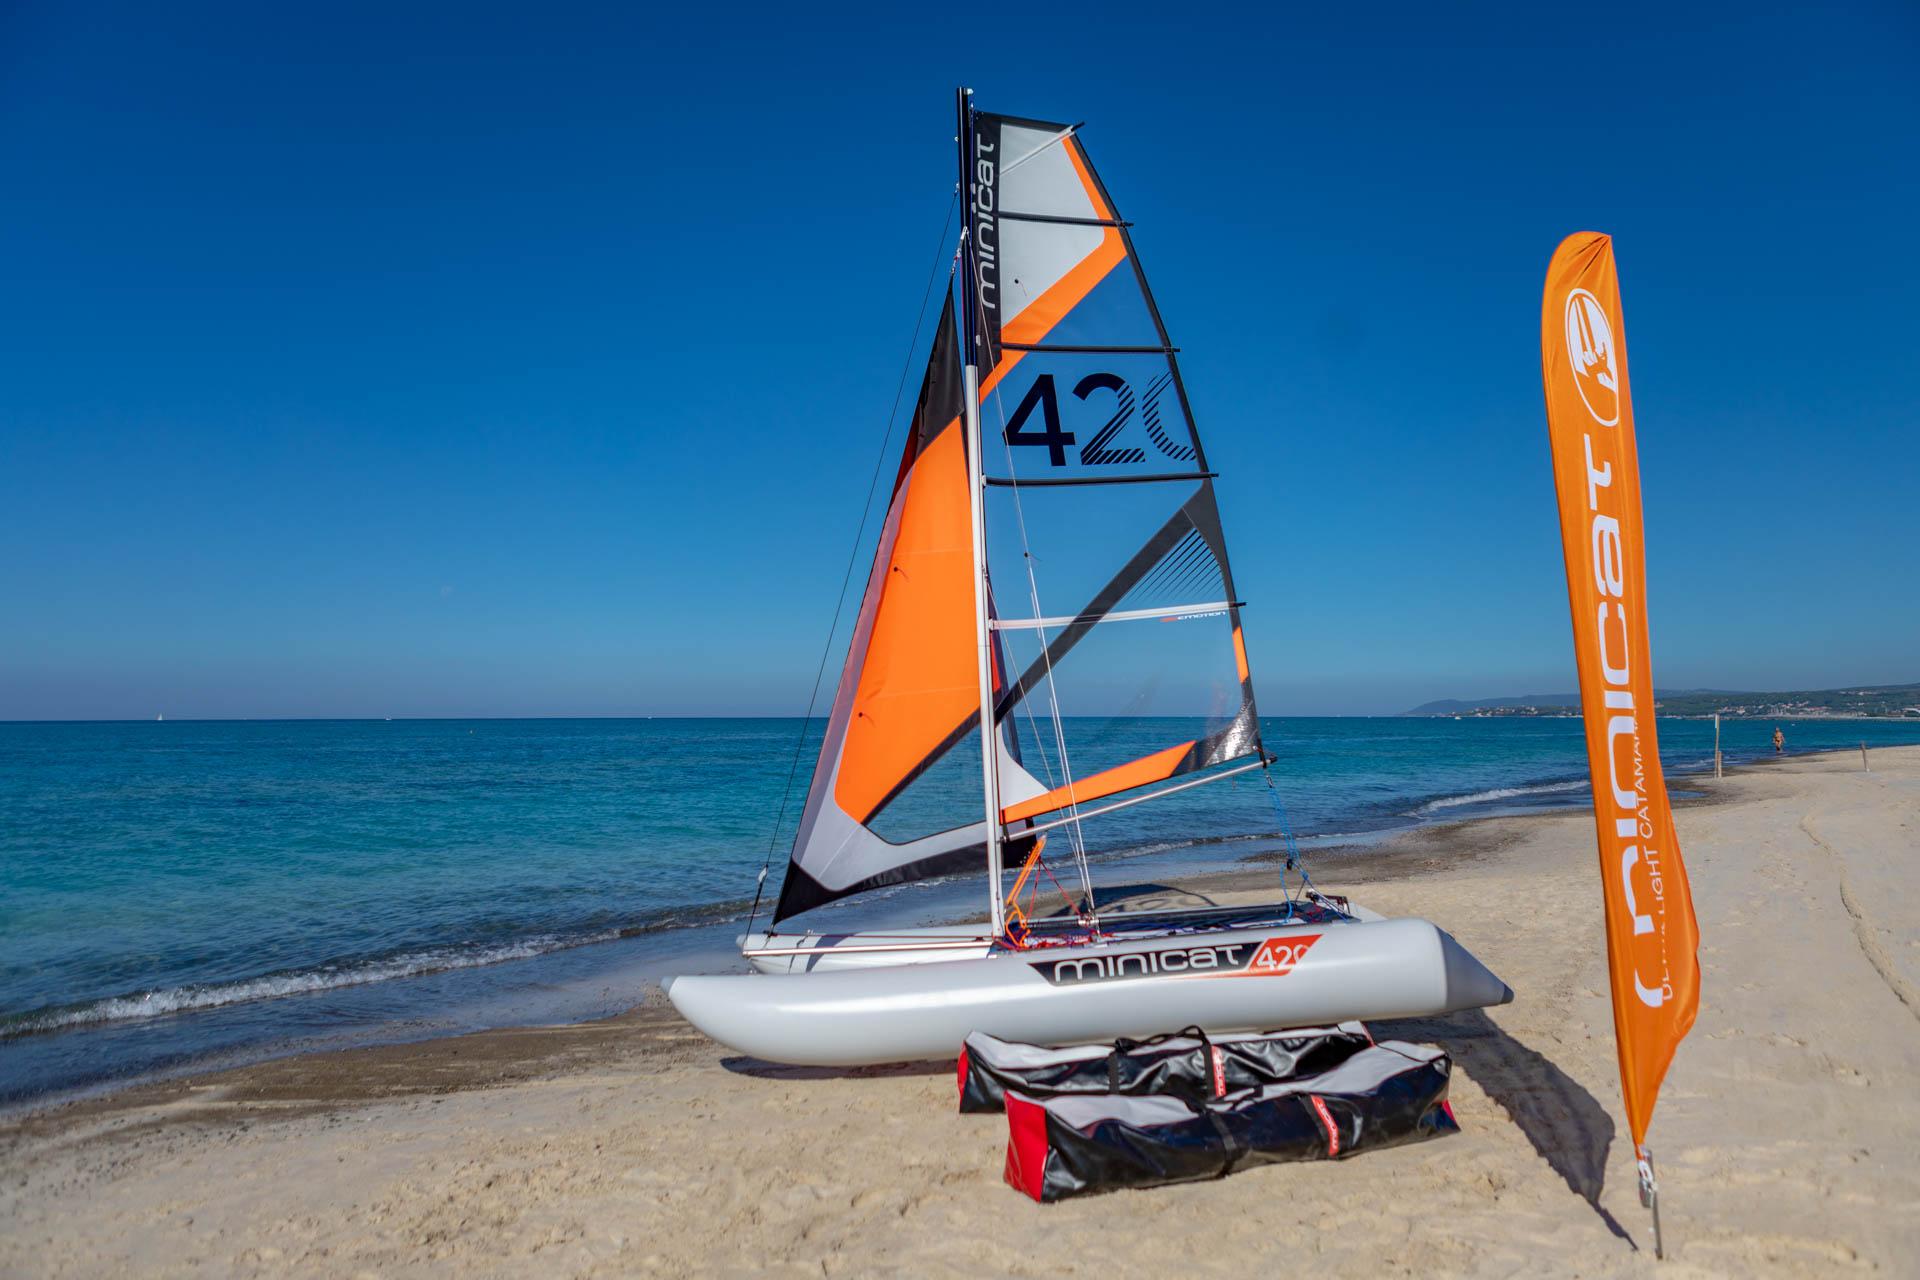 minicat 420 segelboot minikatamaran